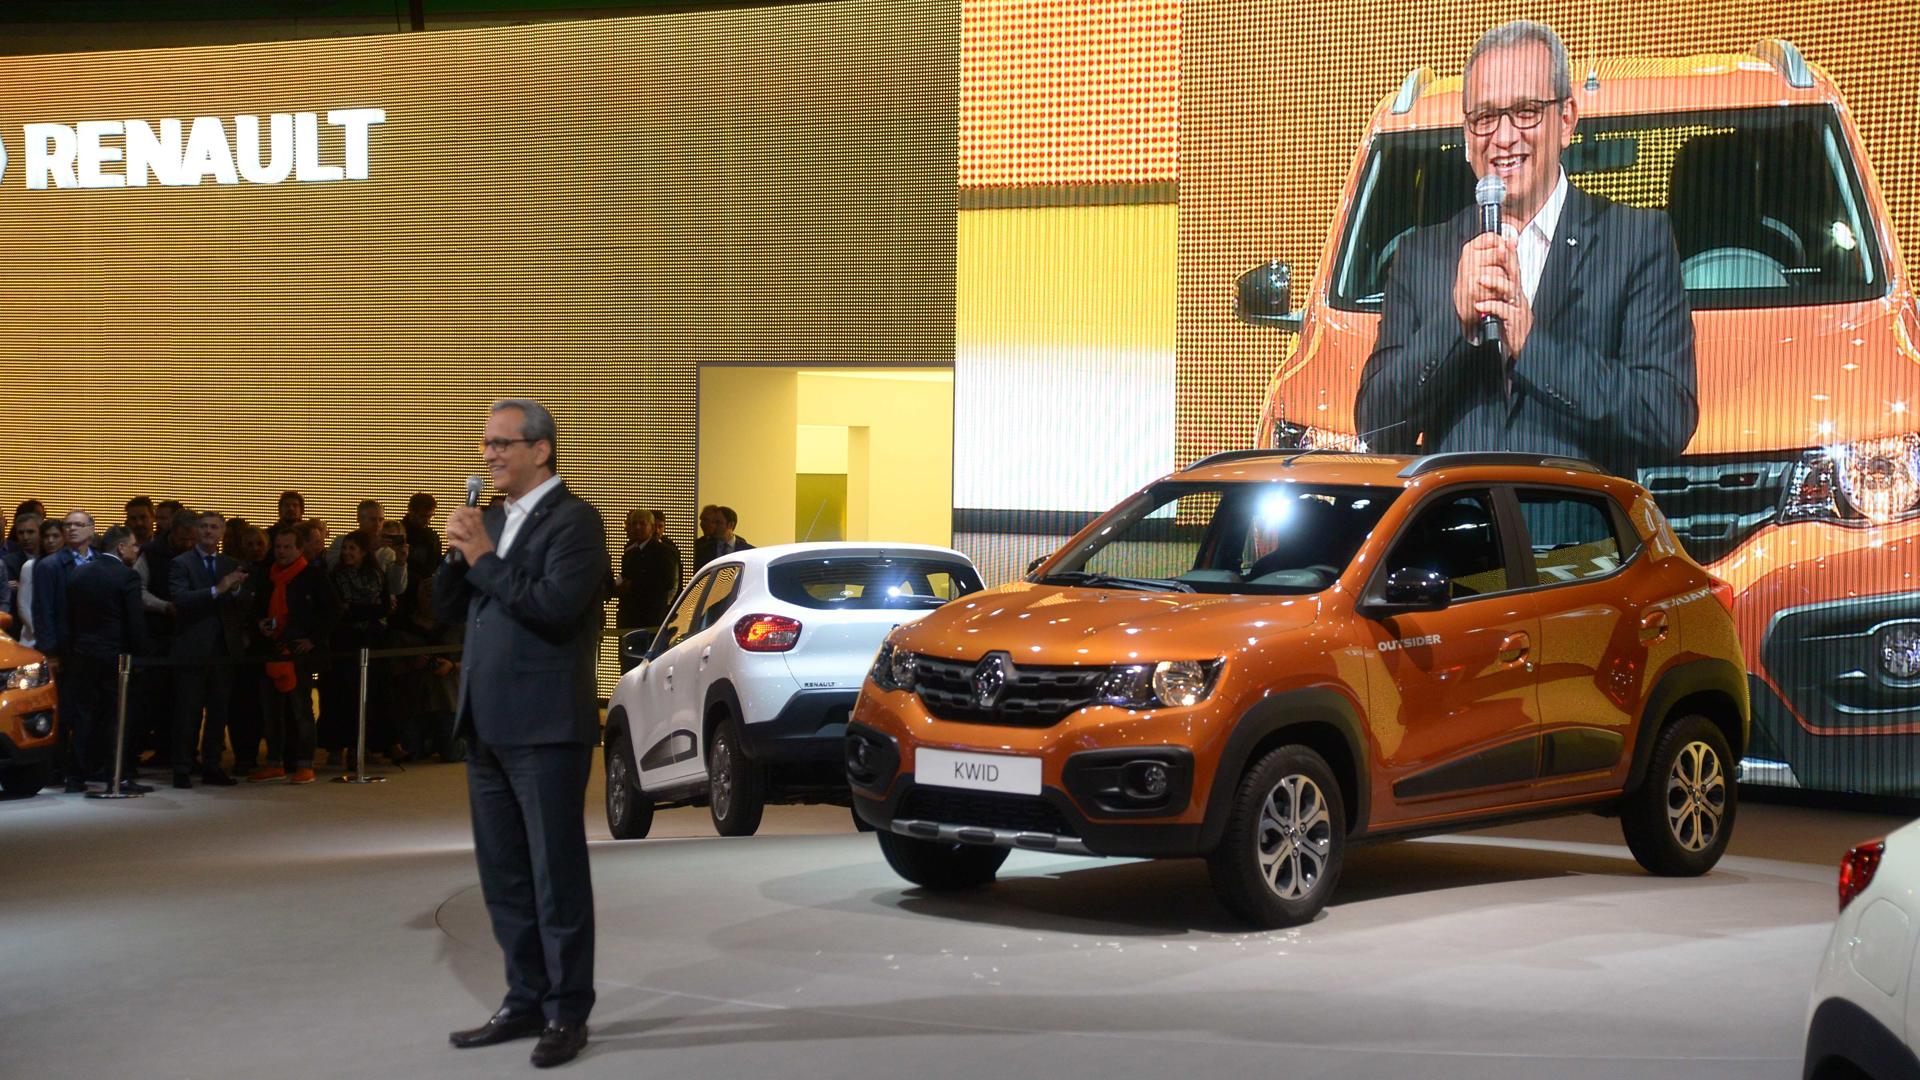 El Renault Kwid será presentado en el mercado argentino en el último trimestre de 2017